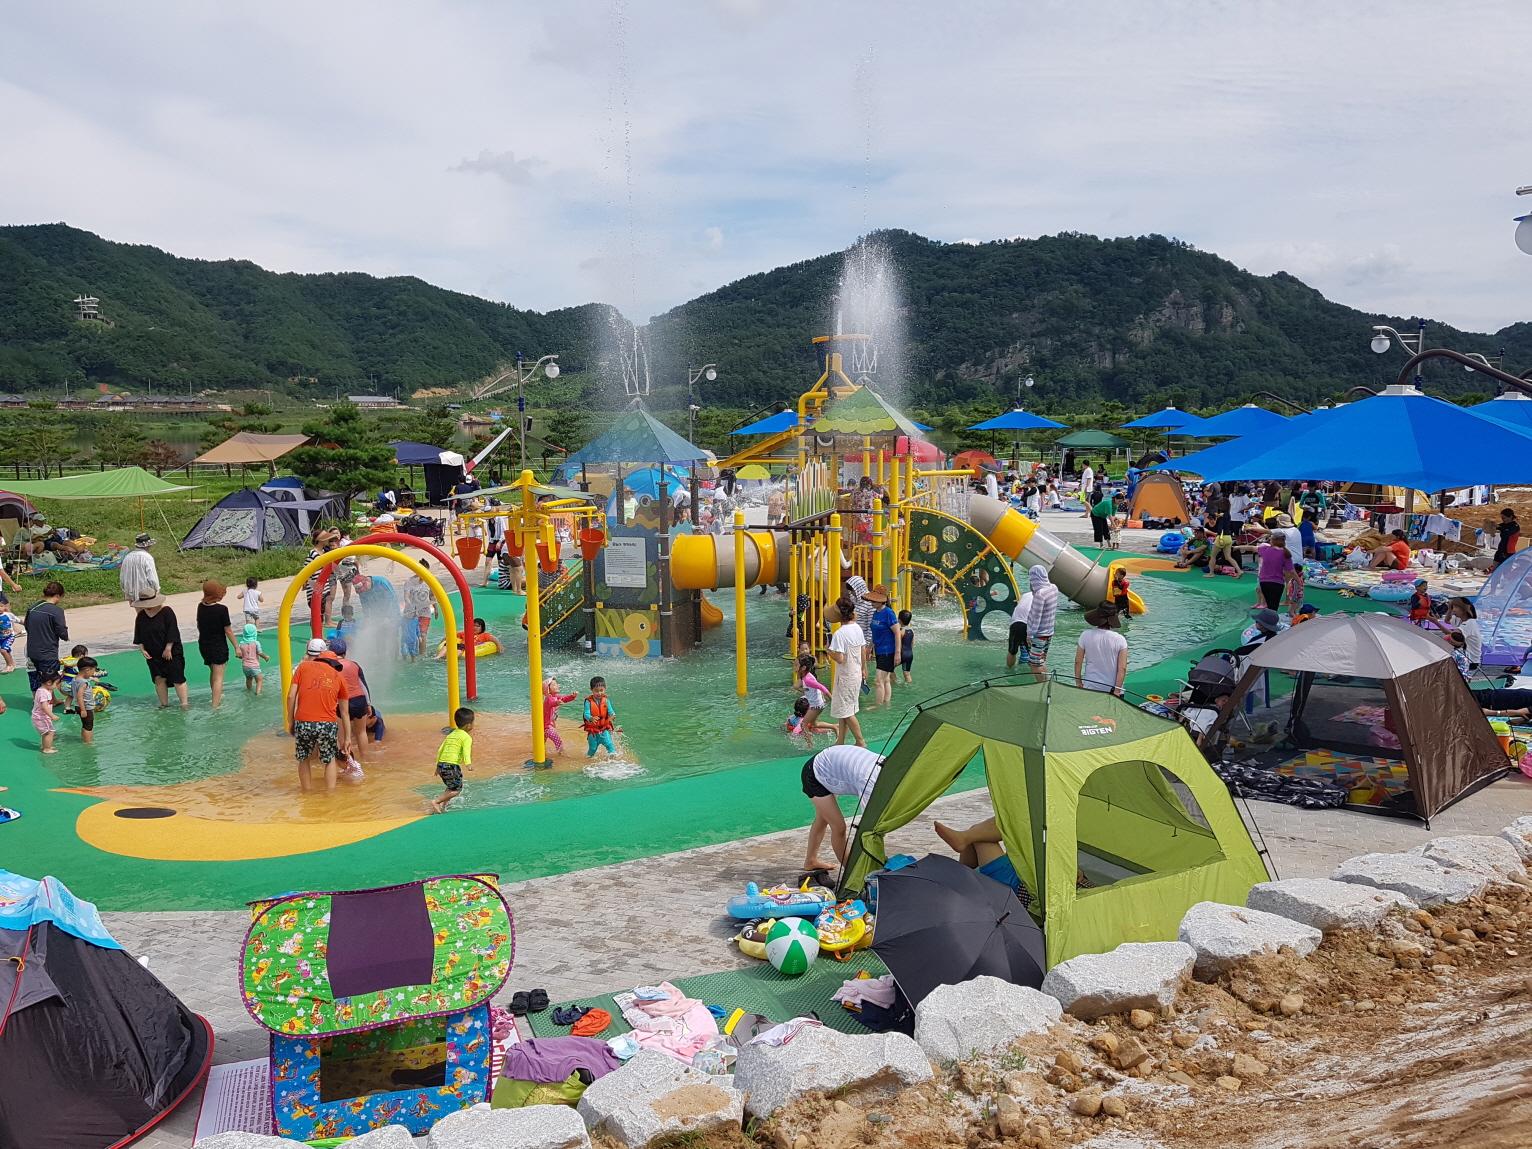 [관광진흥과]여름을 즐기자! 상주보 물놀이장 21일 개장!!.jpg